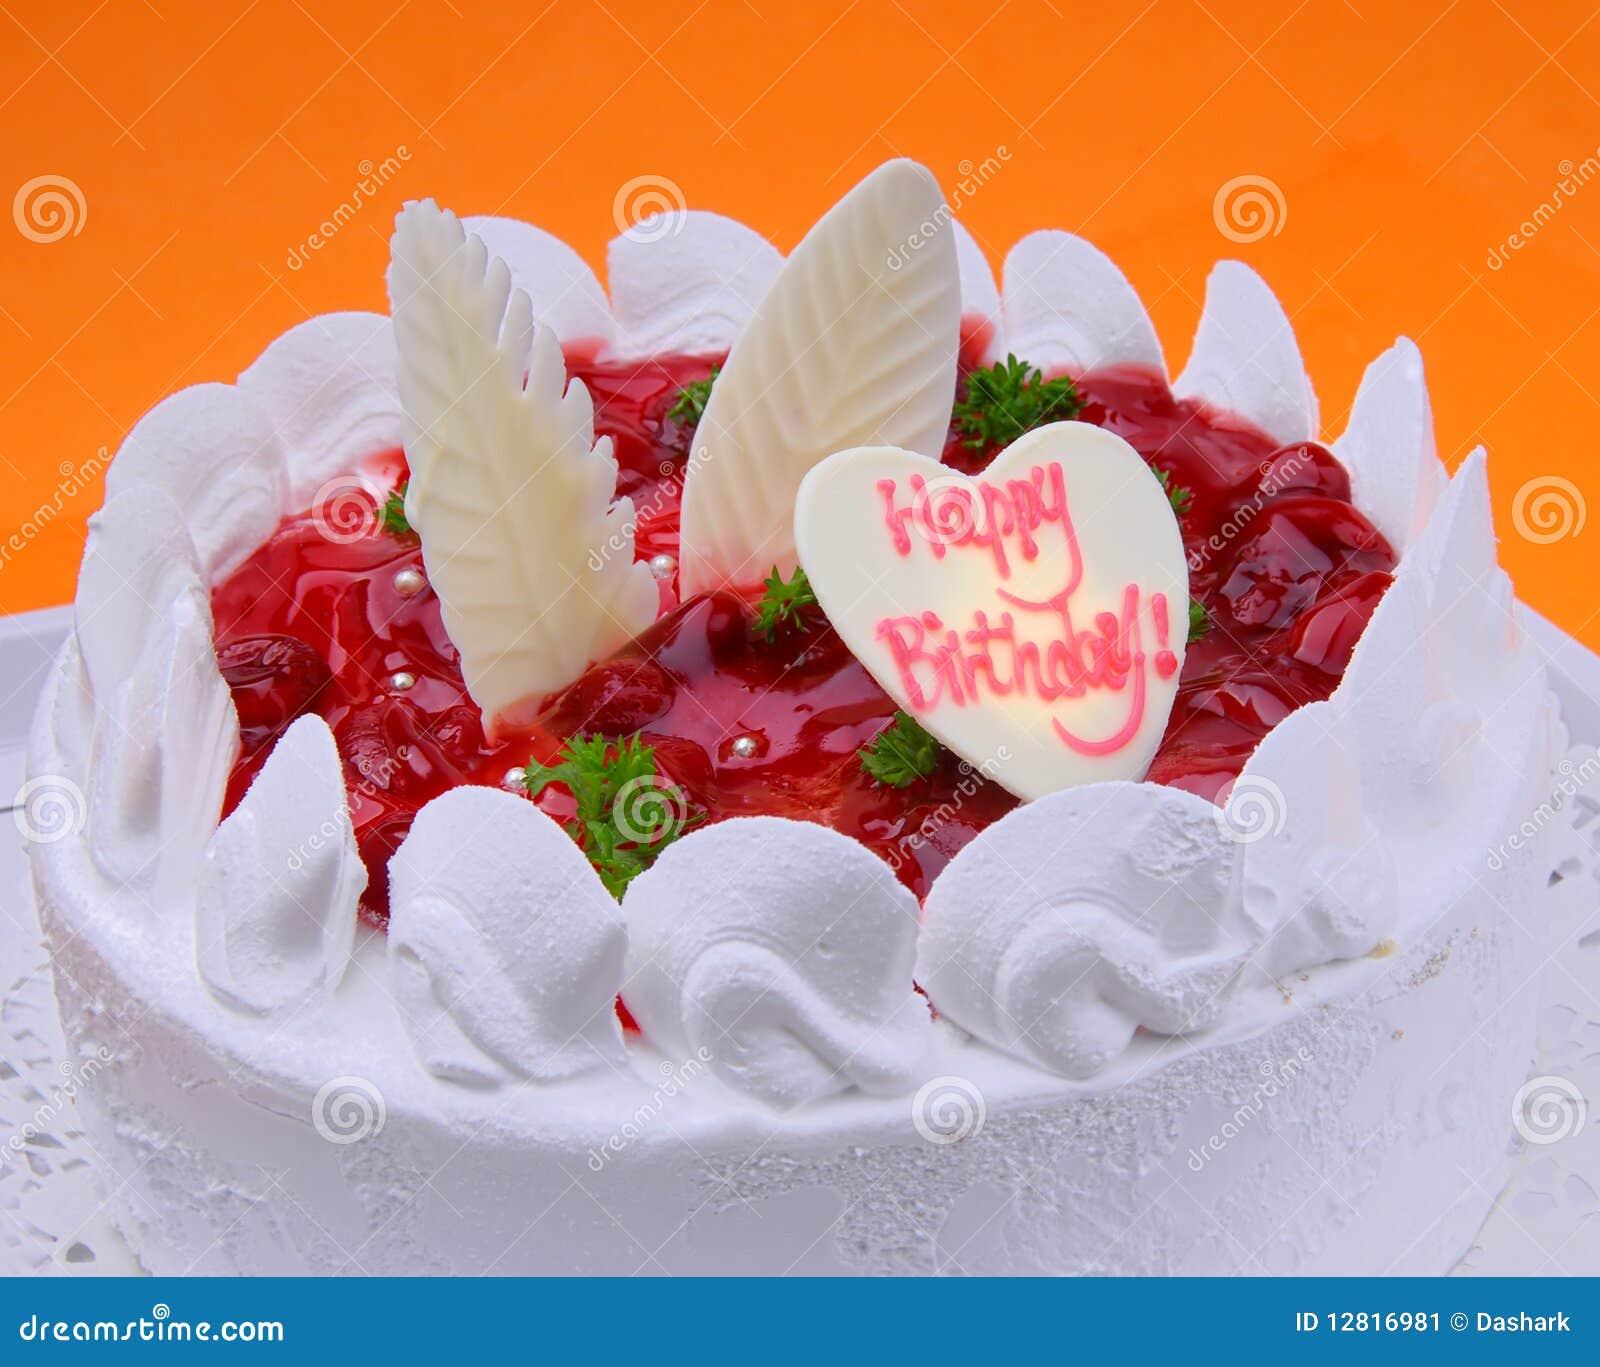 Sweet cake stock image Image of mooseberry cream celebration